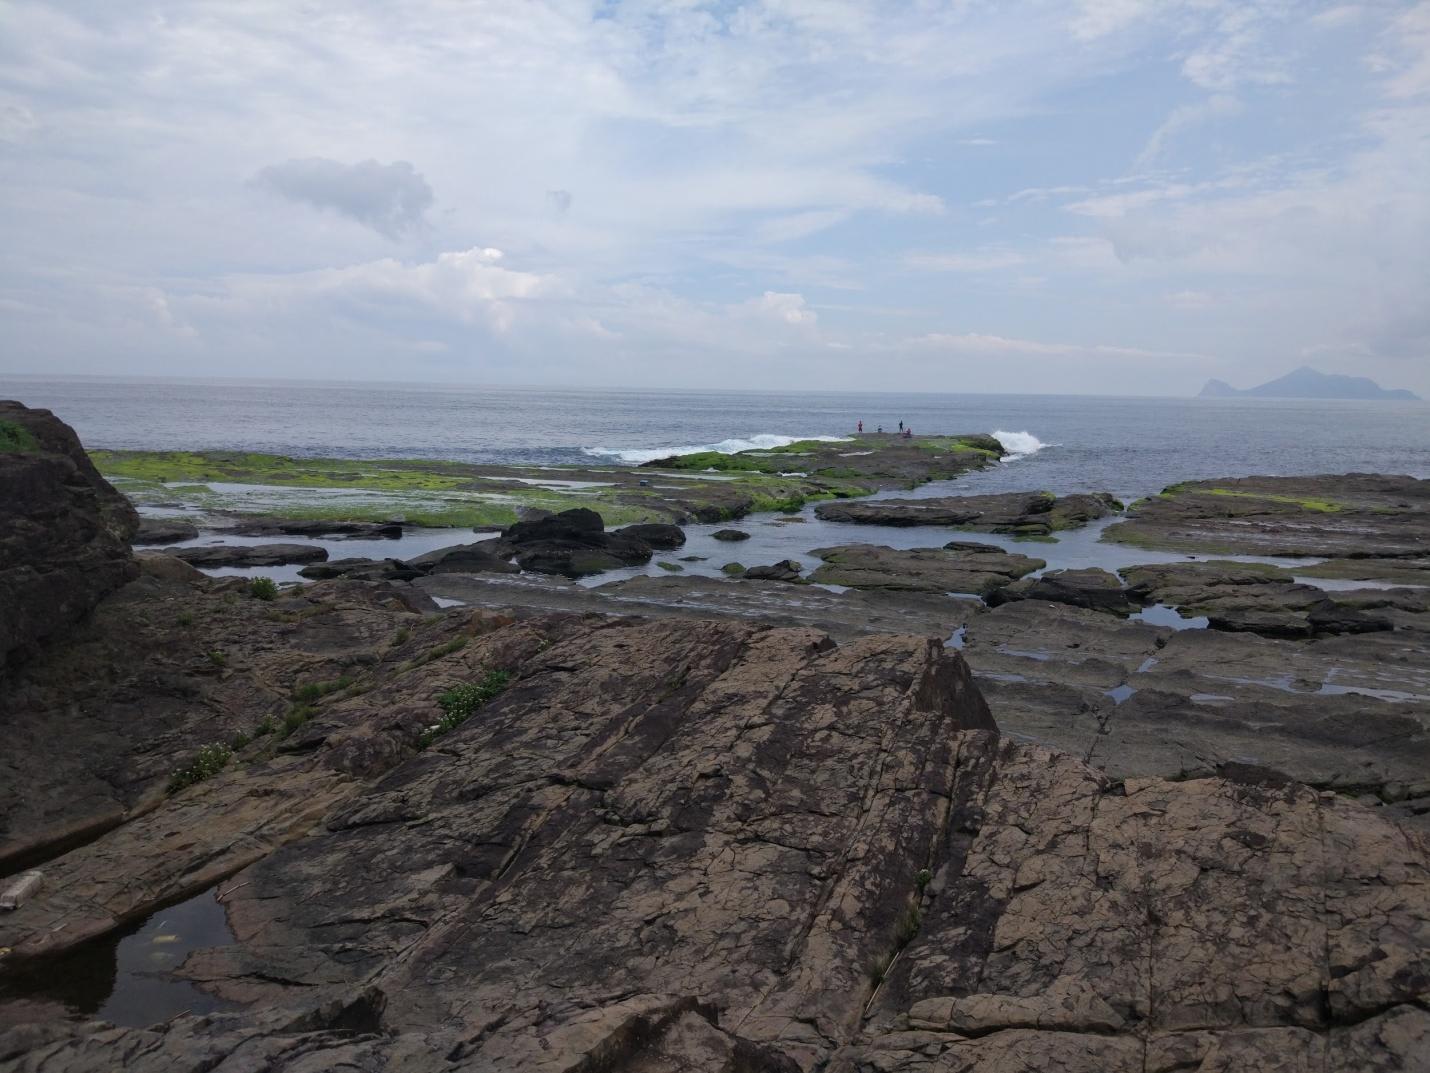 bãi đá và bờ biển gần sandiao jiao